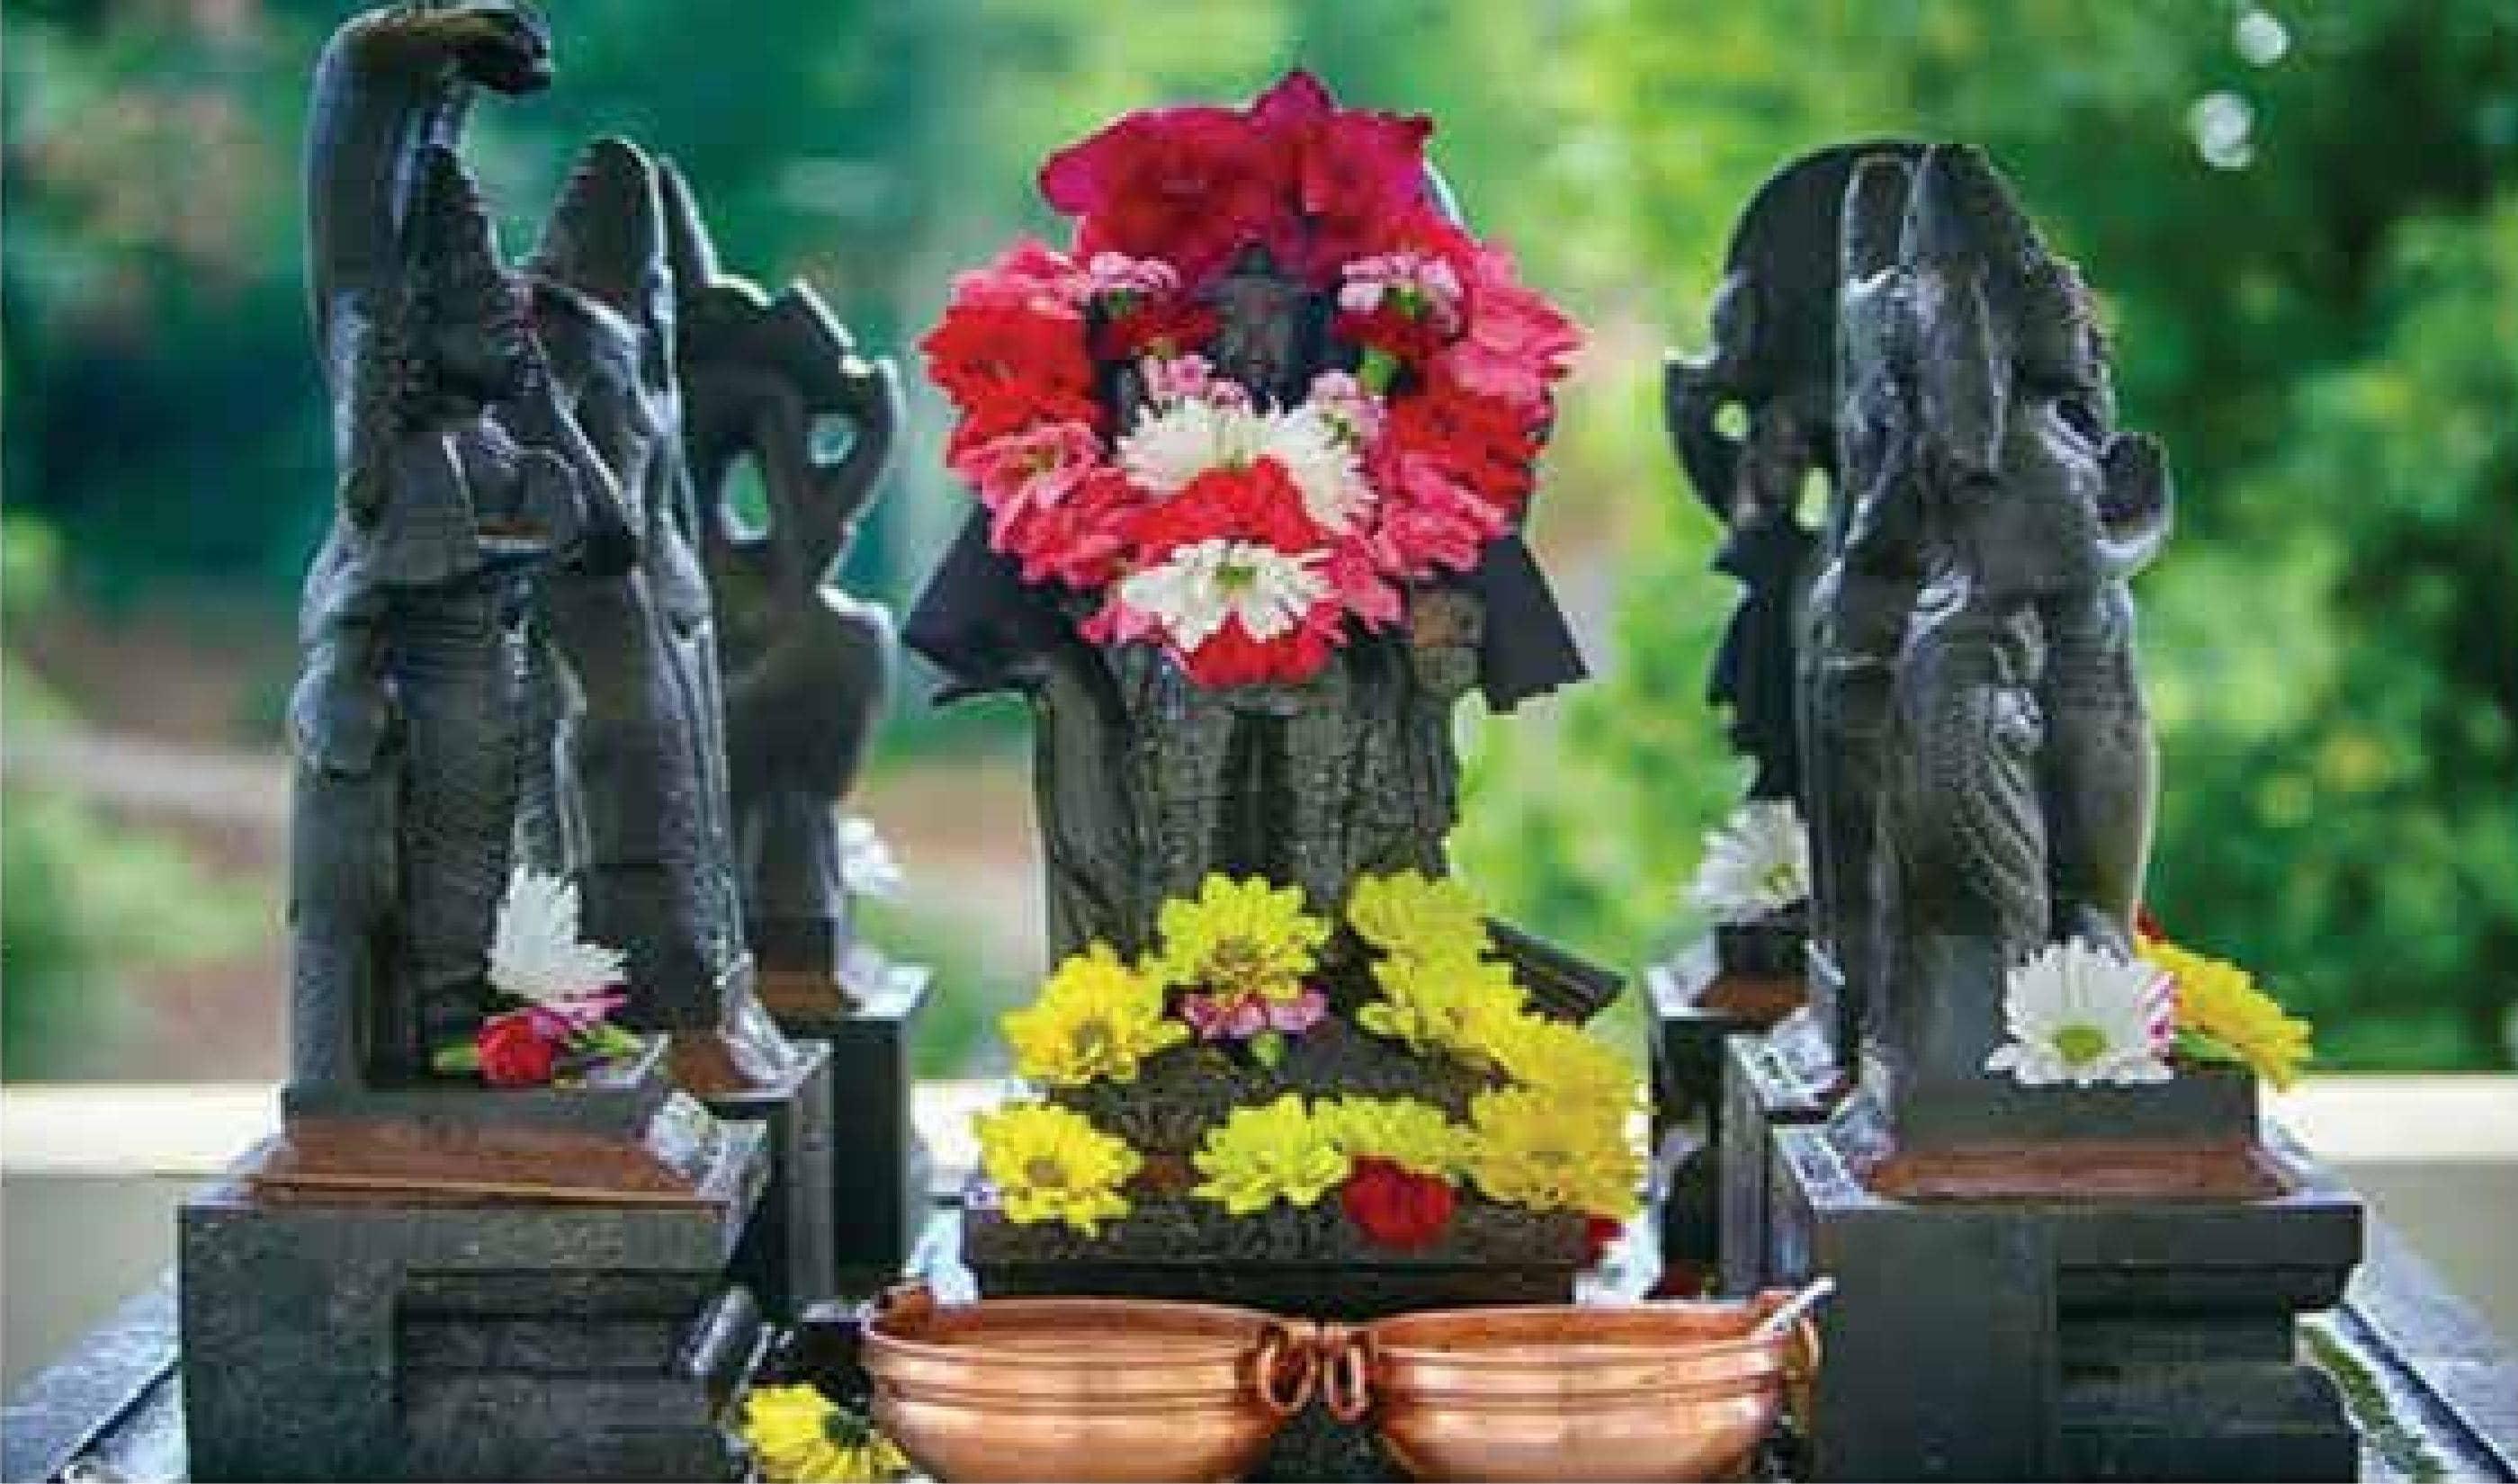 12 ராசி, 27 நட்சத்திரத்தினருக்கு ஏப்ரல் மாதப் பரிகாரங்கள்!